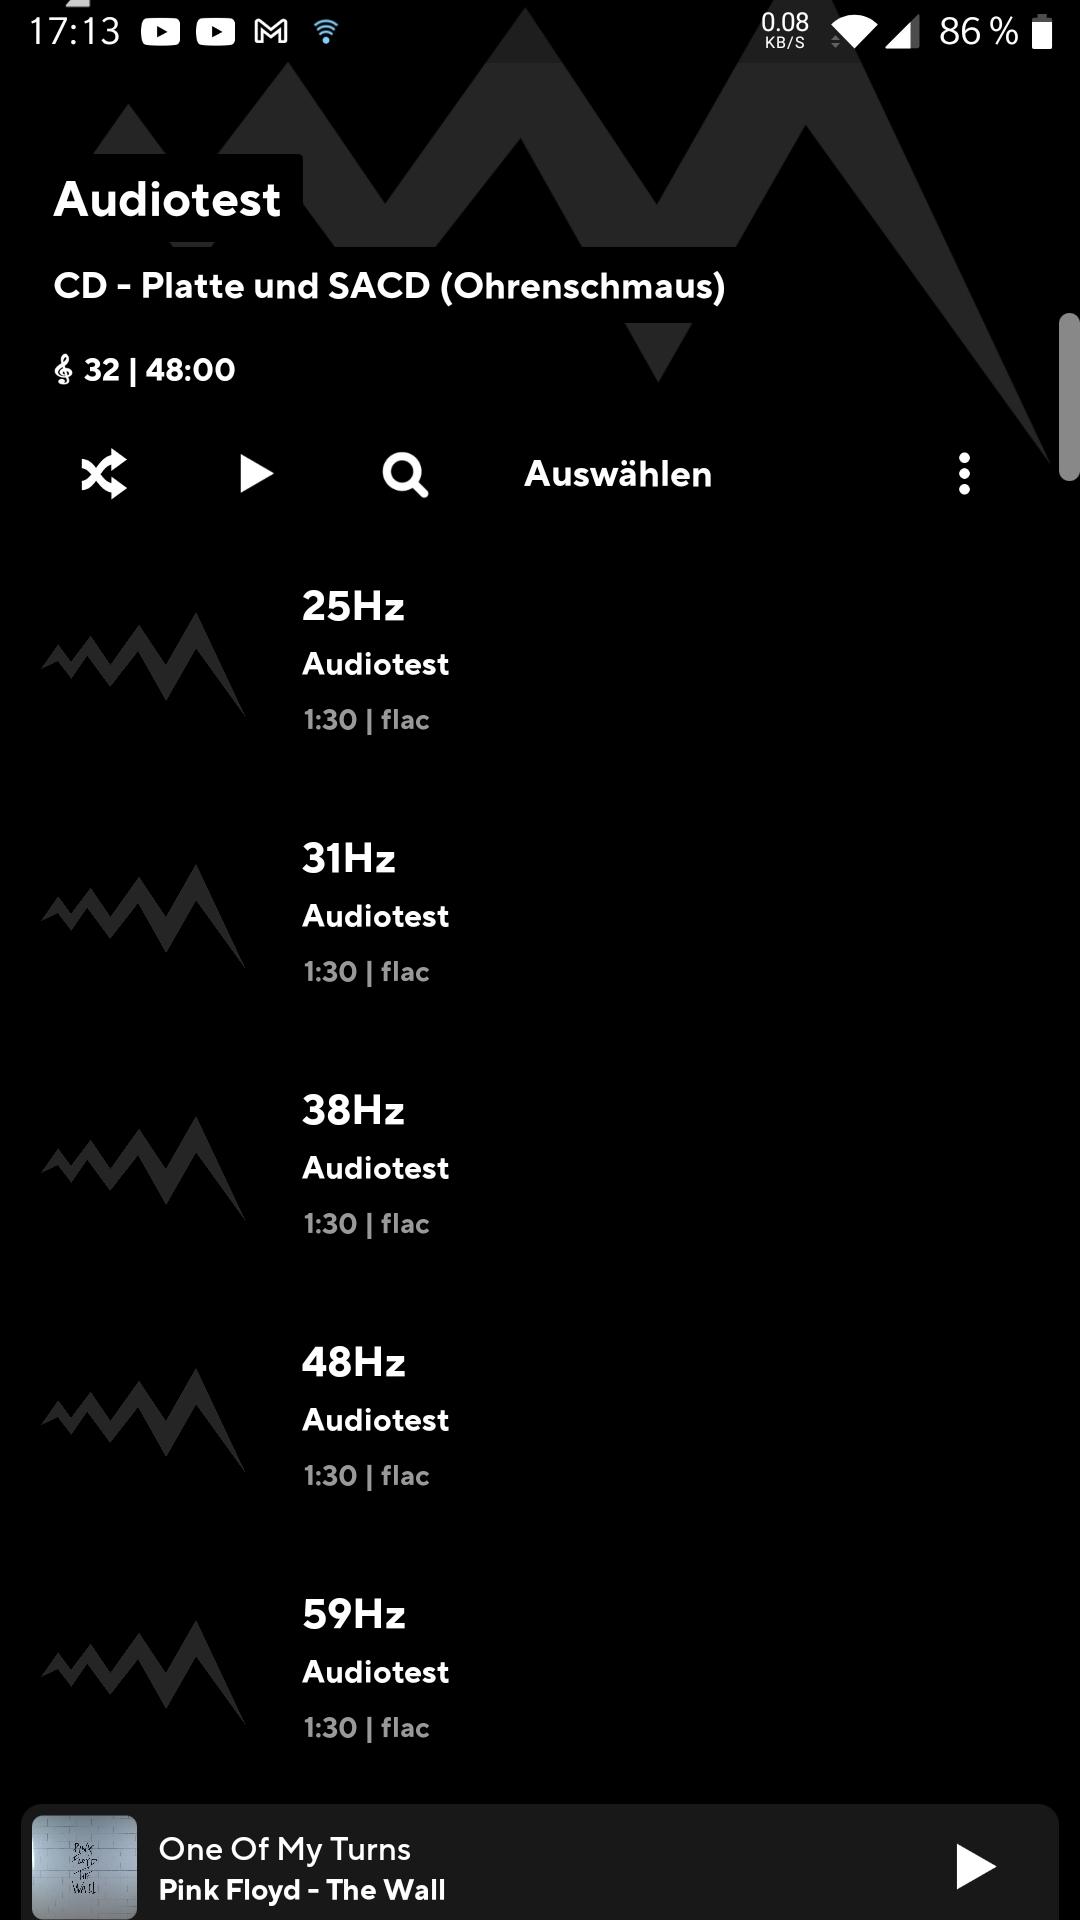 Screenshot-20210207-171358.jpg